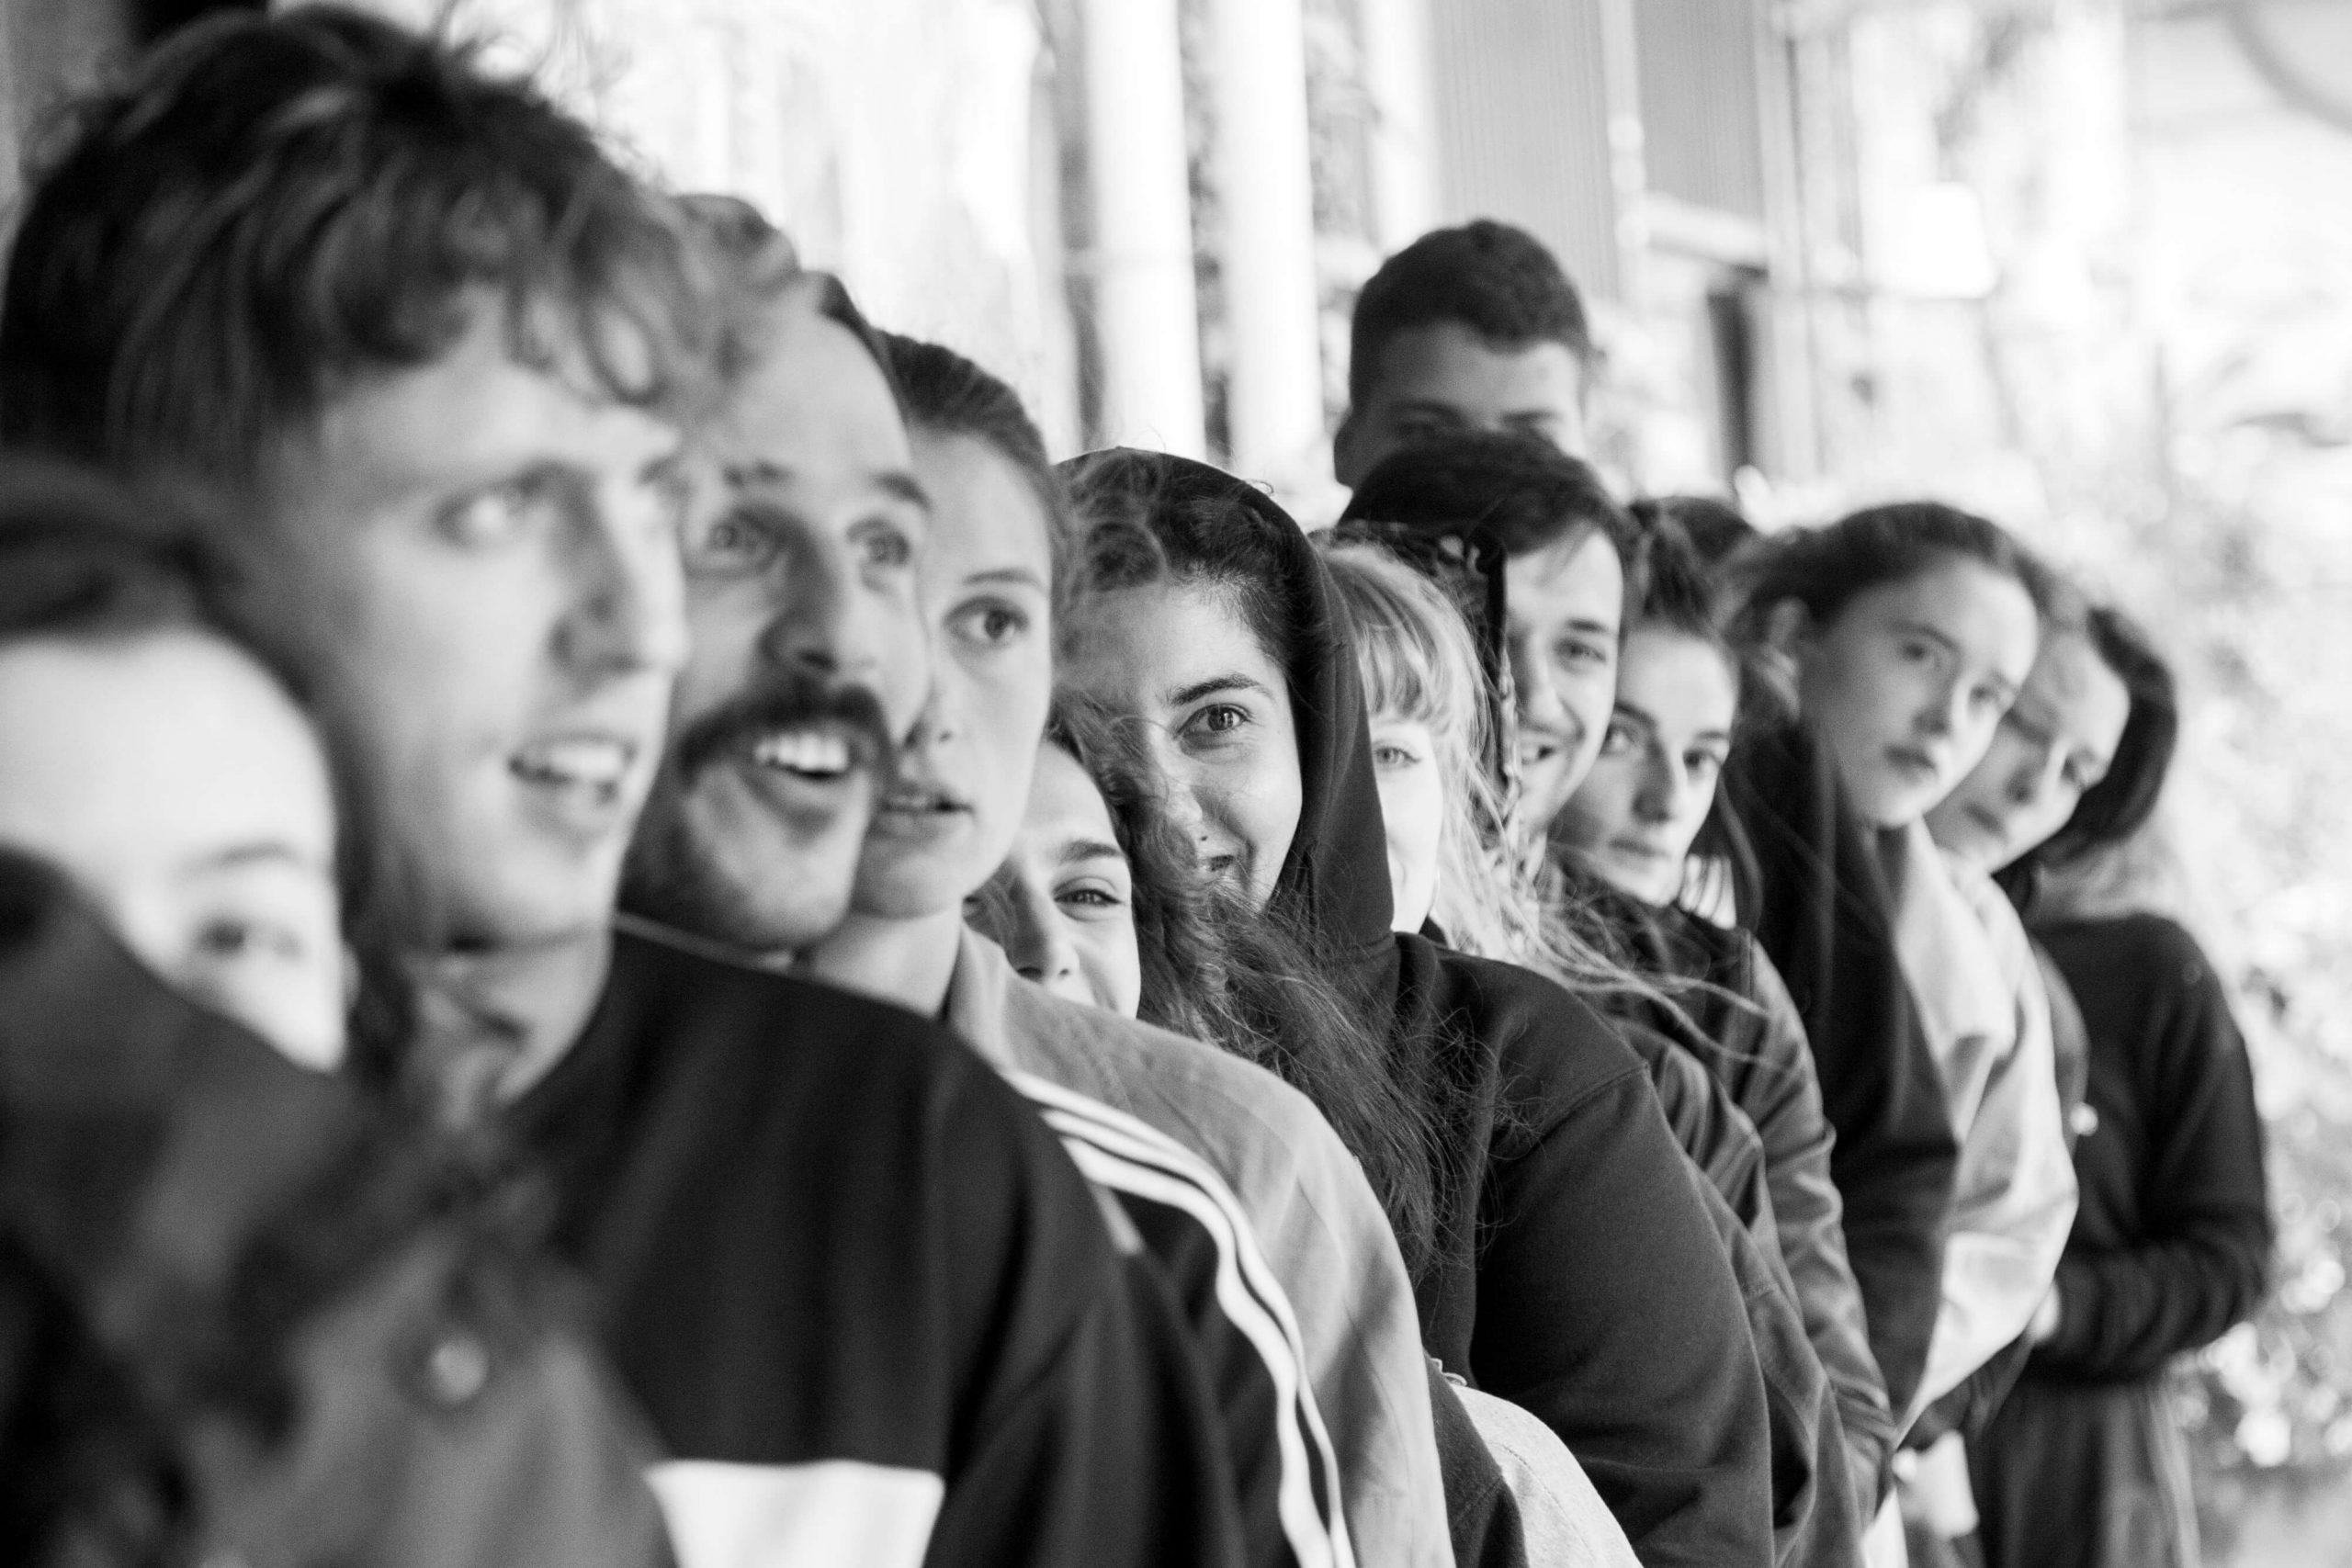 ανταλλαγές νέων, θέατρο, Θεατρική εκπαίδευση, ελλάδα, γερμανία, αθήνα, βερολίνο, σωματικό θέατρο, εφαρμοσμένο θέατρο, φάμπρικα, θεατρική ομάδα, ευκαιρίες για ηθοποιούς, περφόρμερ, fabrica athens, mostar friedensprojekt, theater, performance, youth exchange, theater youth exchange, applied theater, germany, greece, athens, berlin